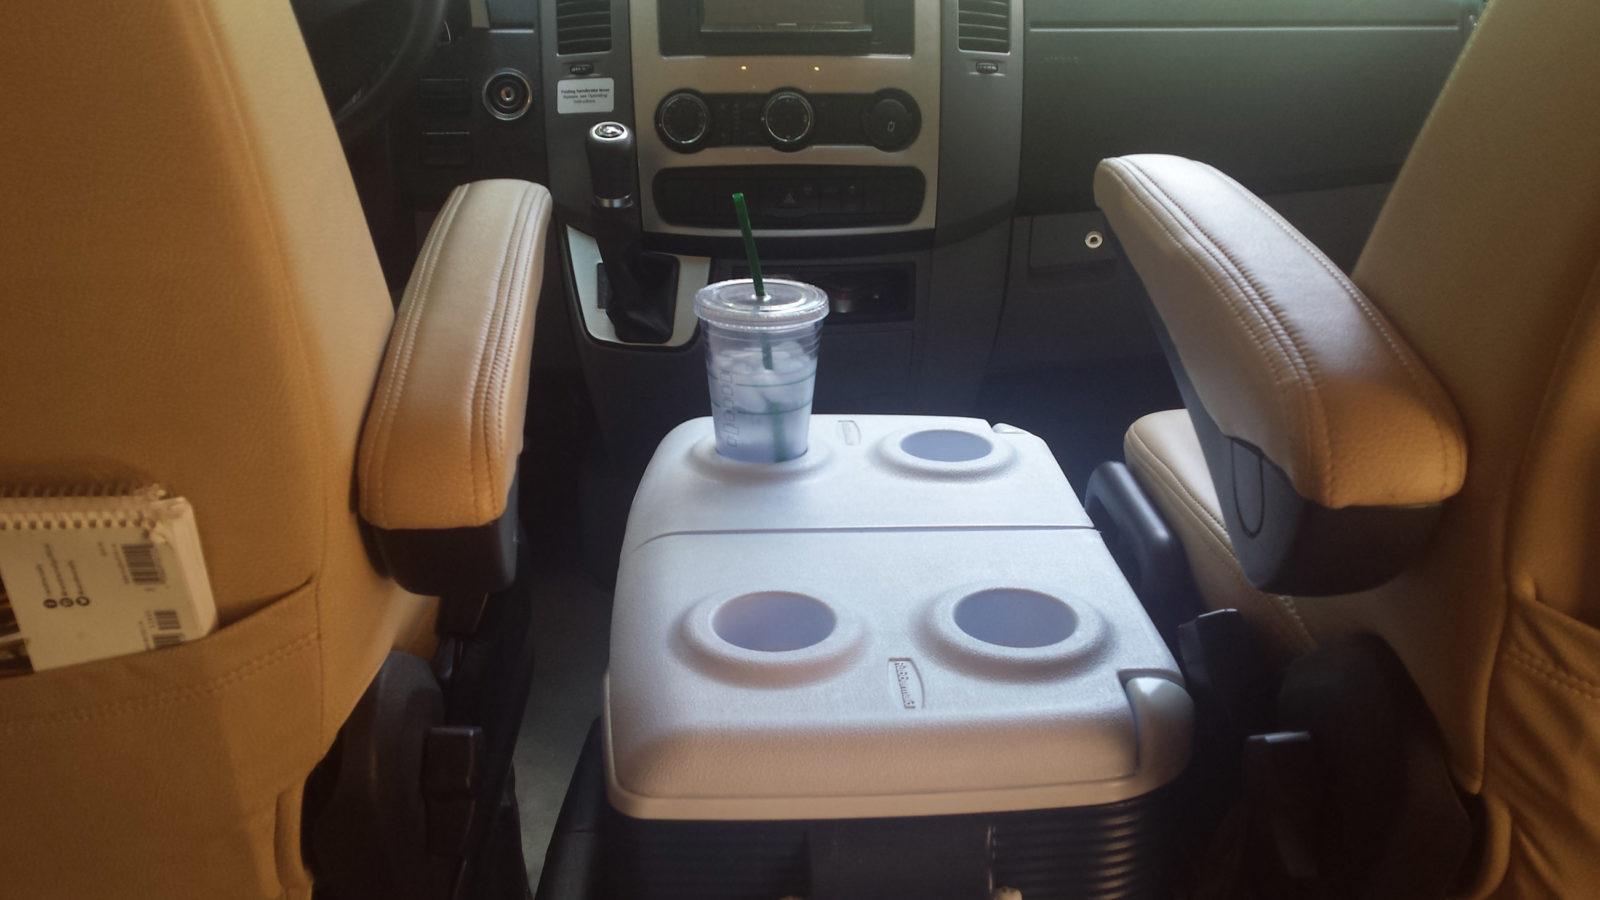 cooler between RV front seats